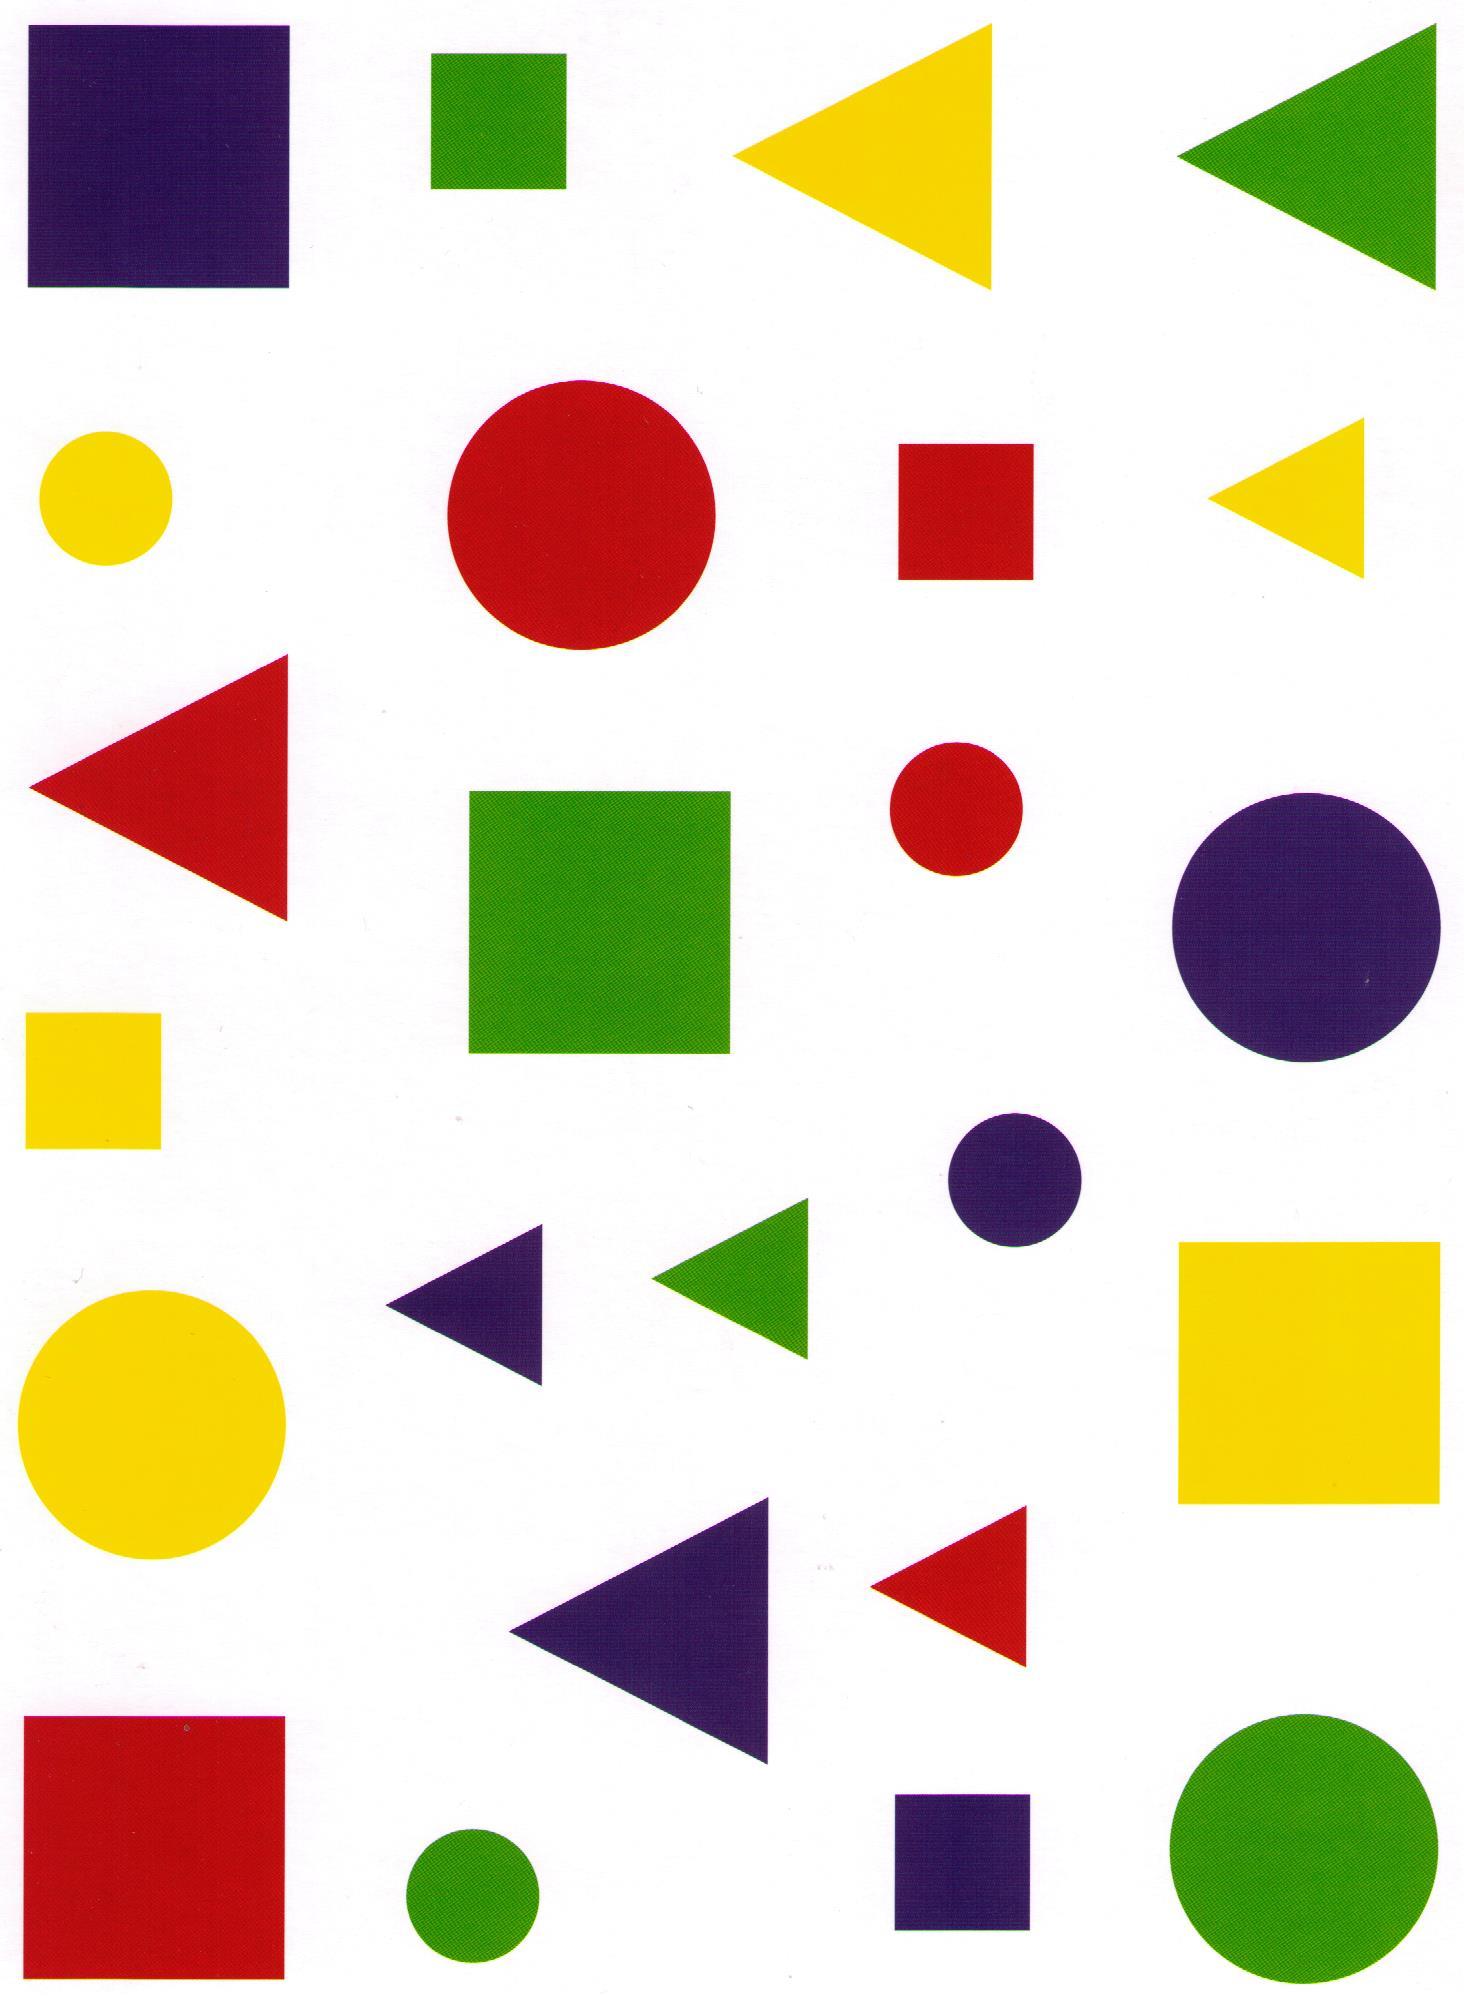 фигур форм геометрических картинки и